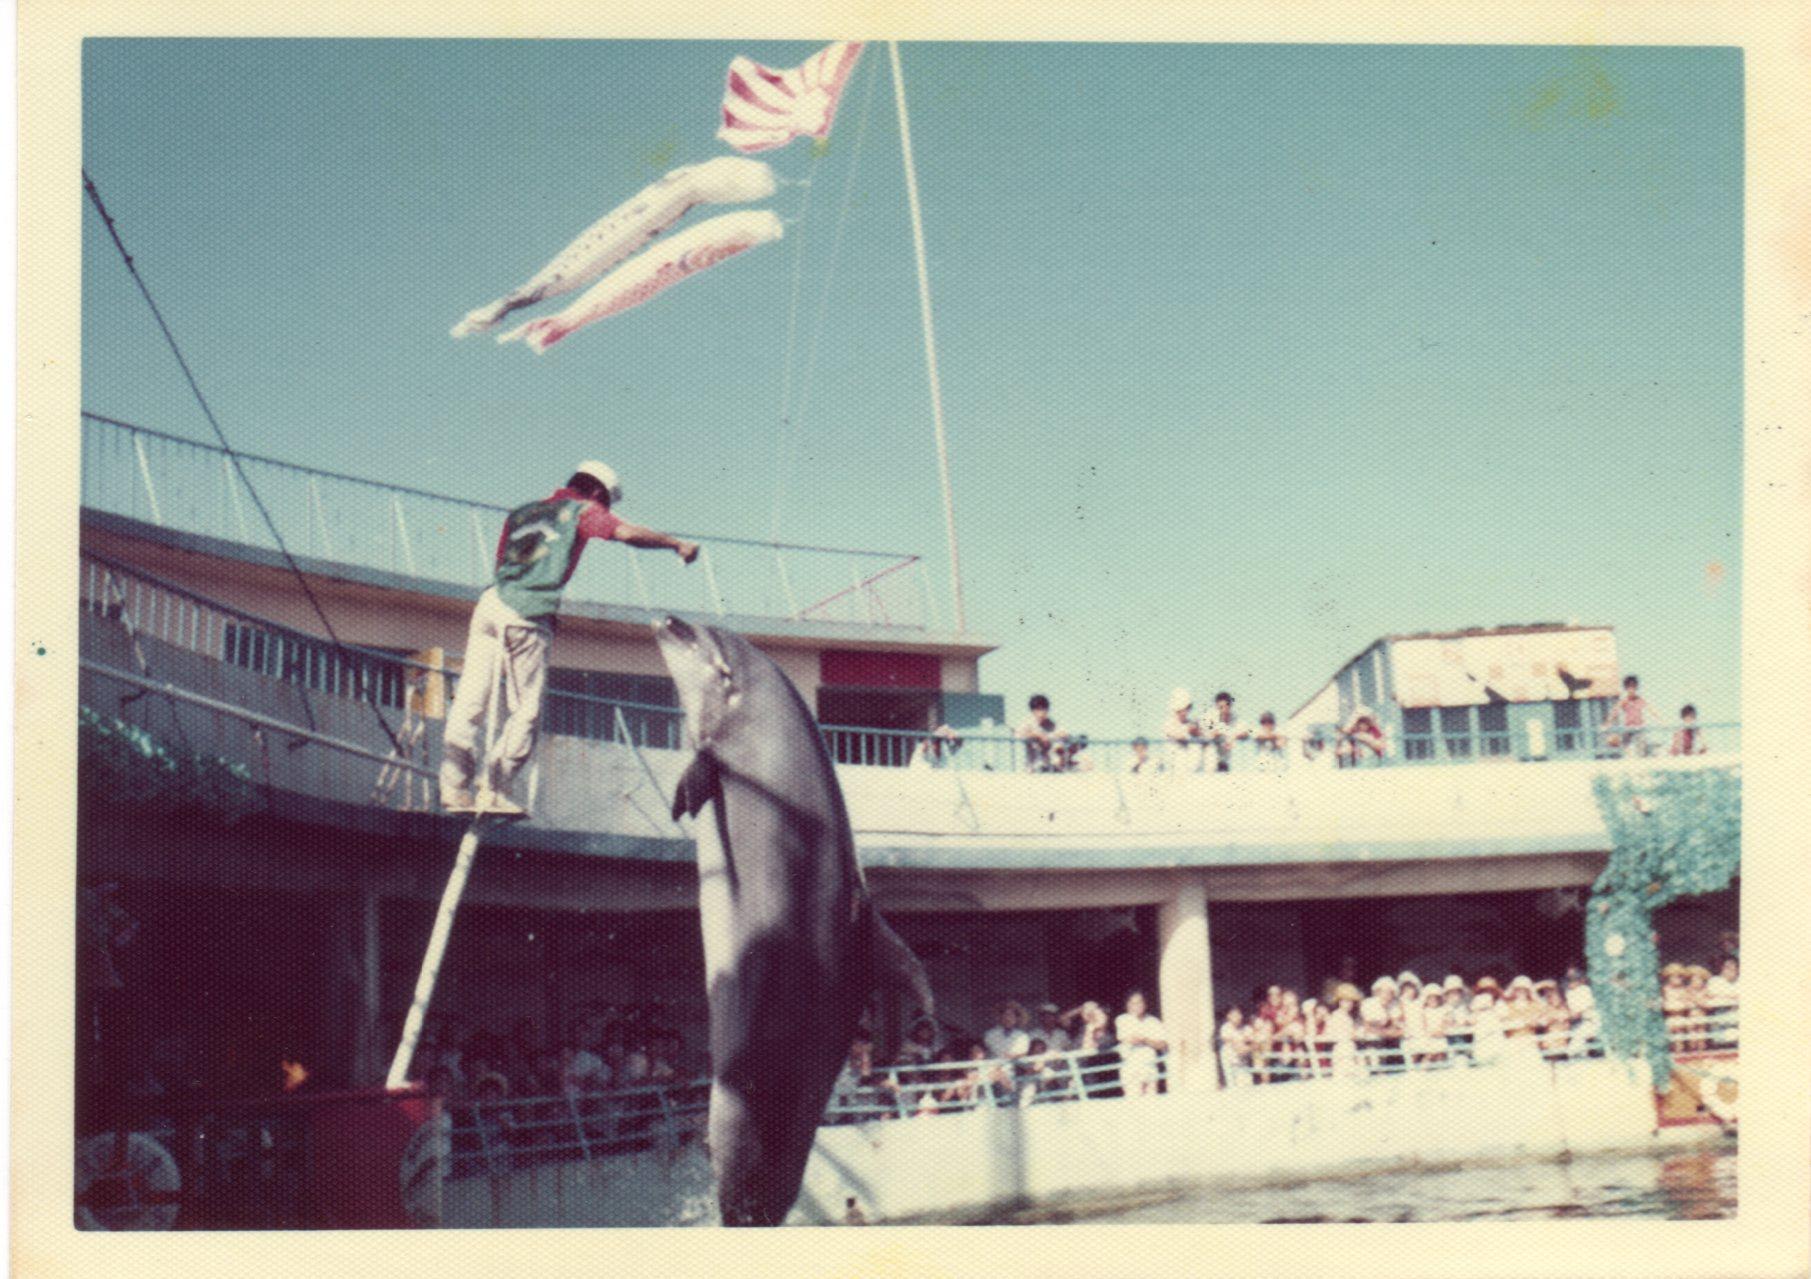 江ノ島水族館・イルカショー(1974年)436